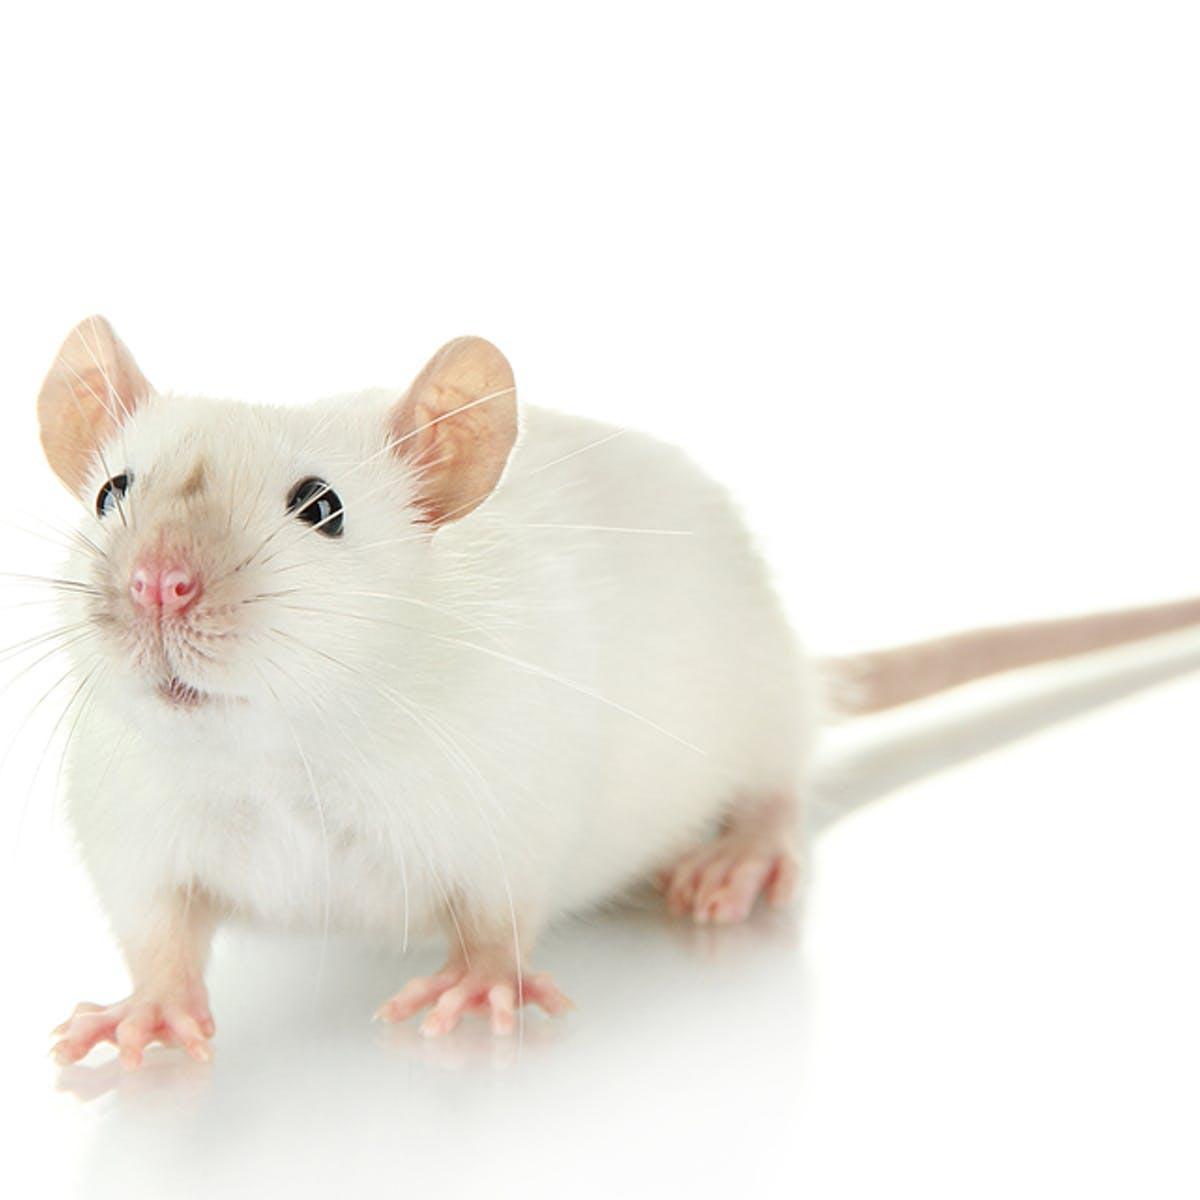 Tattoo-Mäuse deuten an, wie Tattoos bestehen können Immunzelle